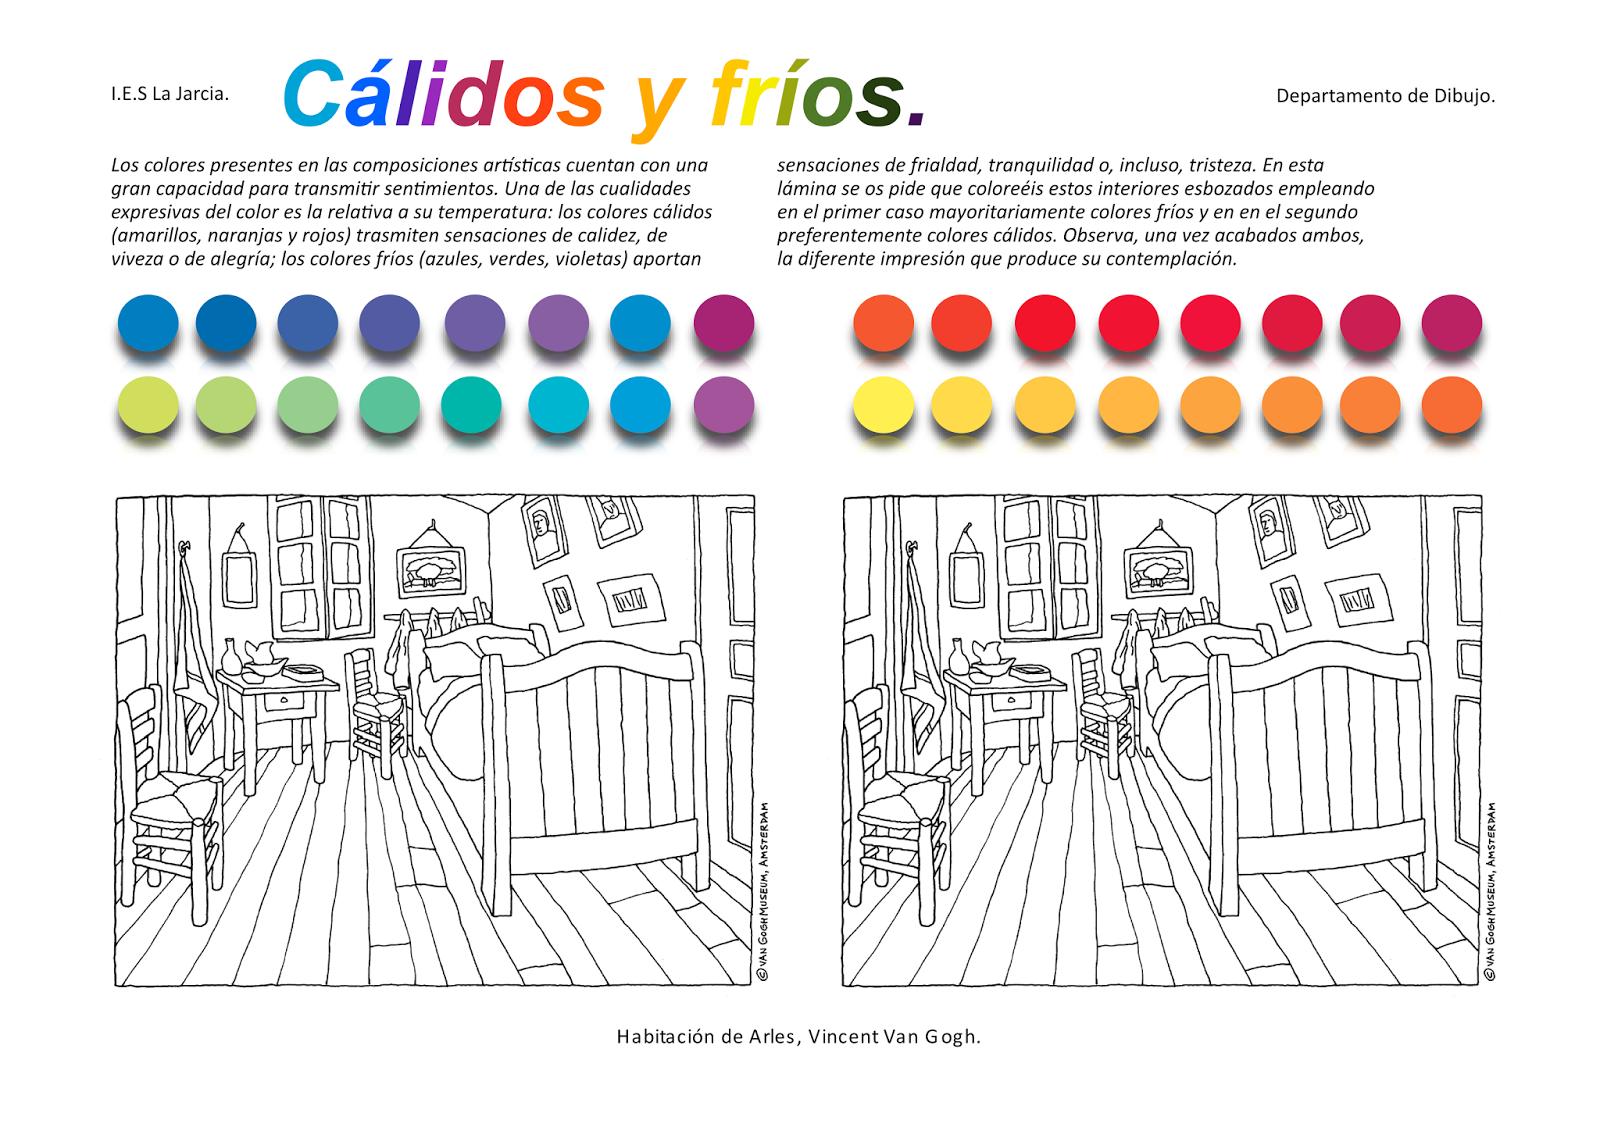 Educaci n pl stica y visual gamas c lidos y fr os - Los colores calidos y frios ...